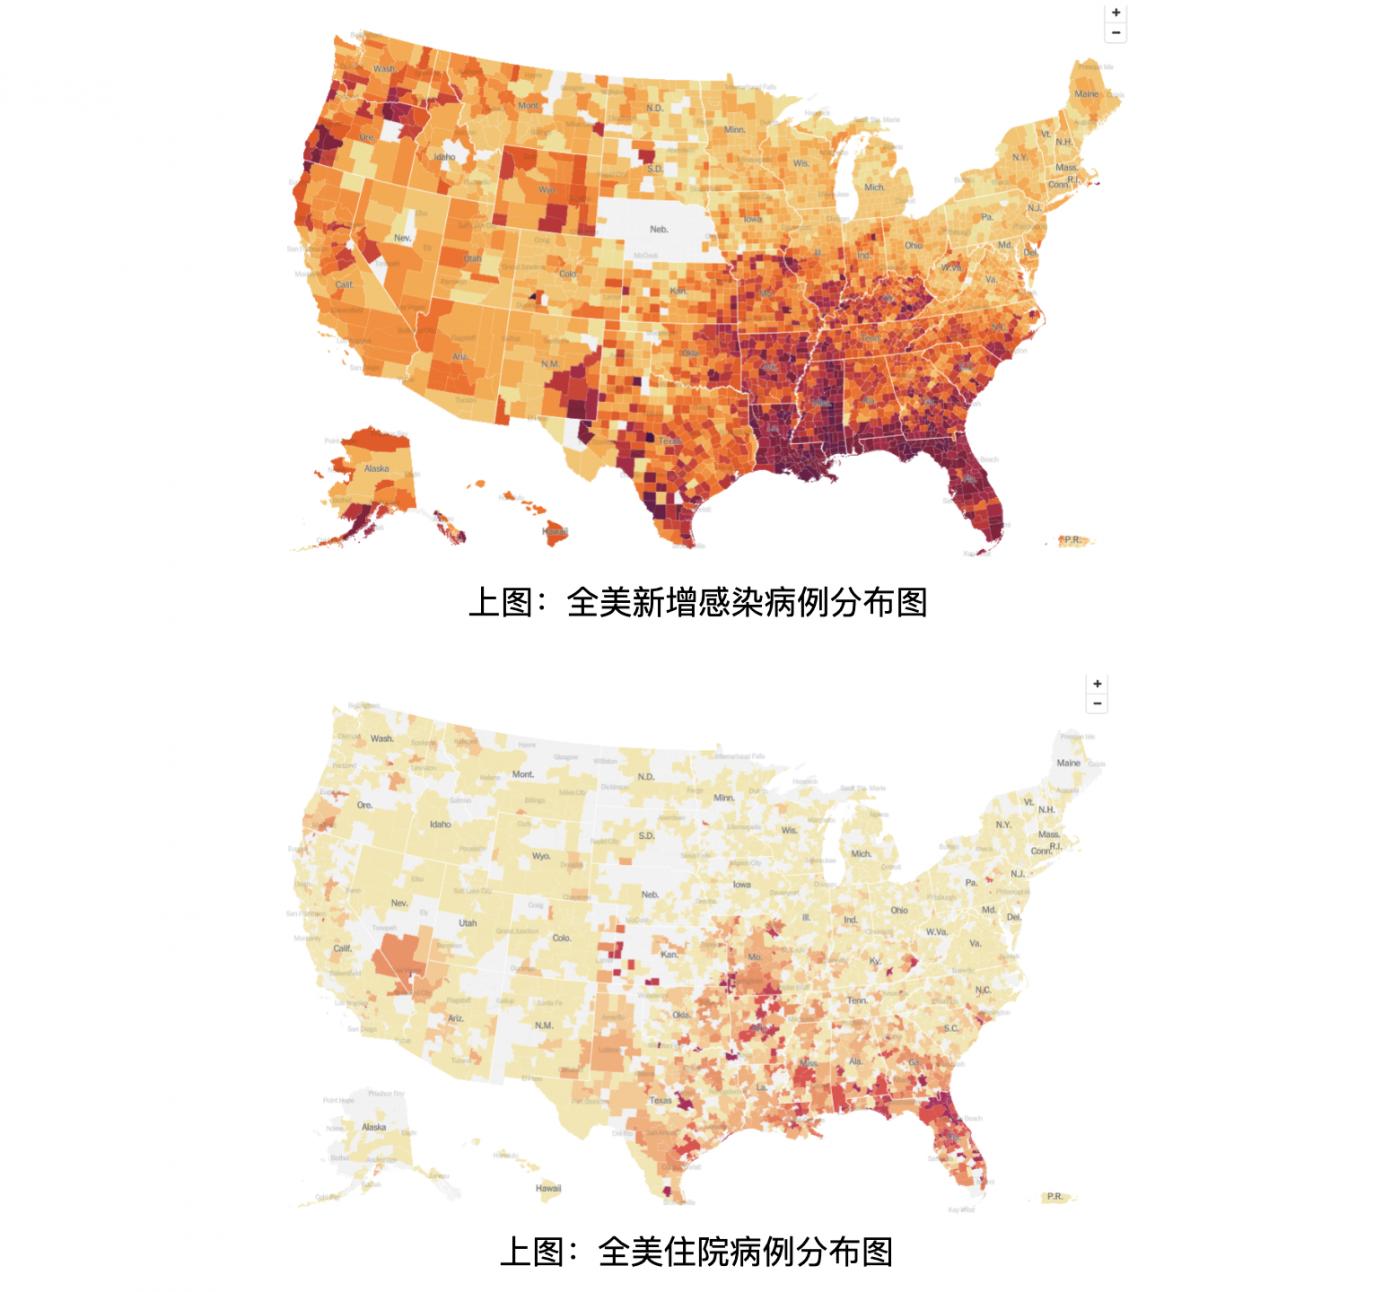 美国东南部几个州成为疫情高风险区_图1-1